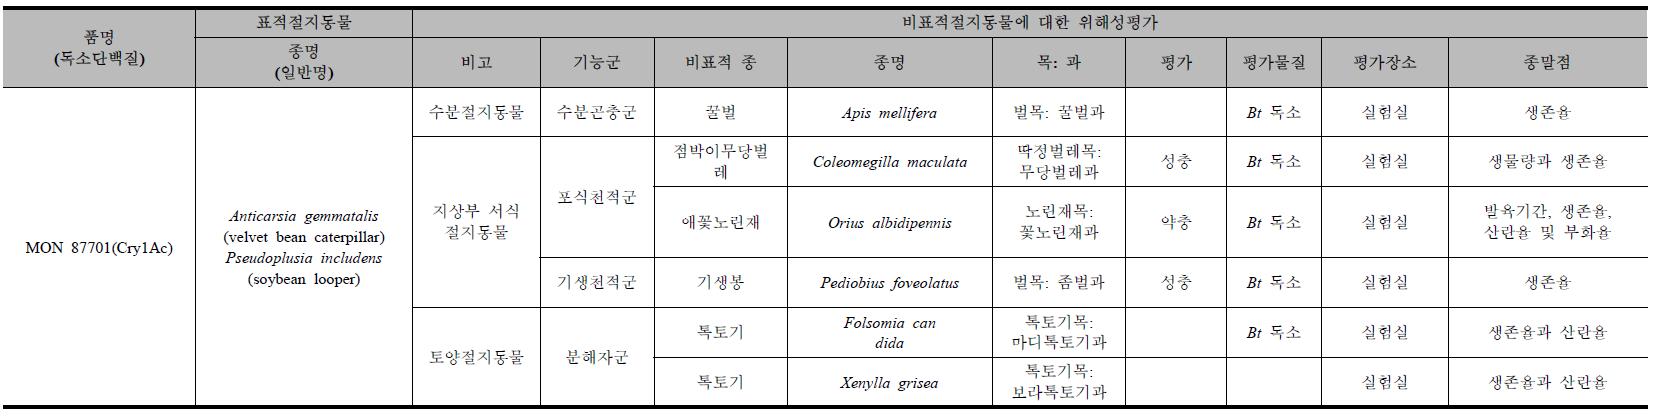 해충저항성유전자변형콩에서 비표적절지동물에게 미치는 위해성평가 내용 분석